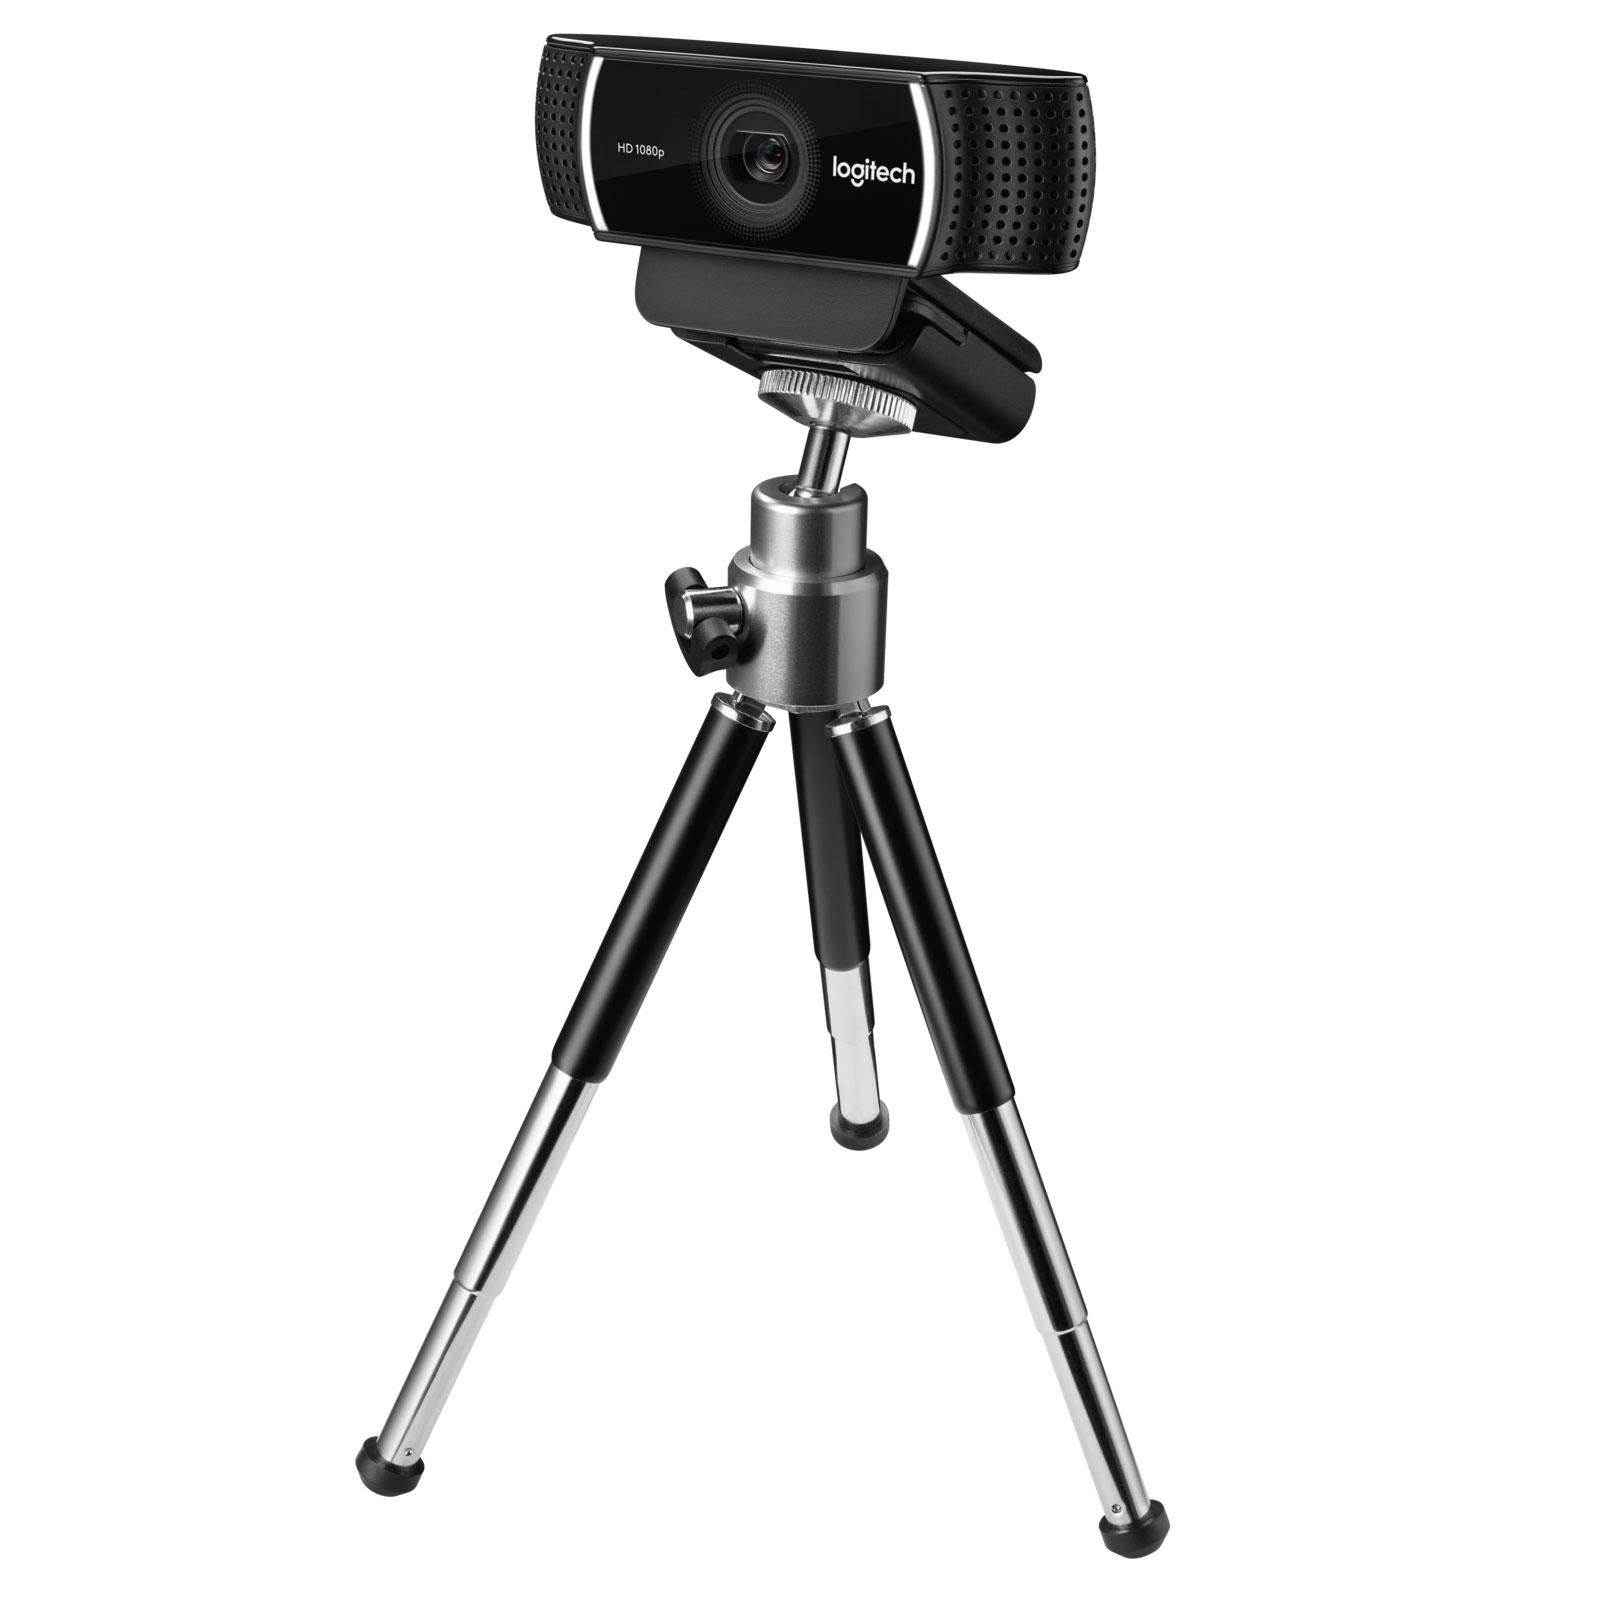 Logitech C922 Pro Stream - Caméra / Webcam - Cybertek.fr - 1